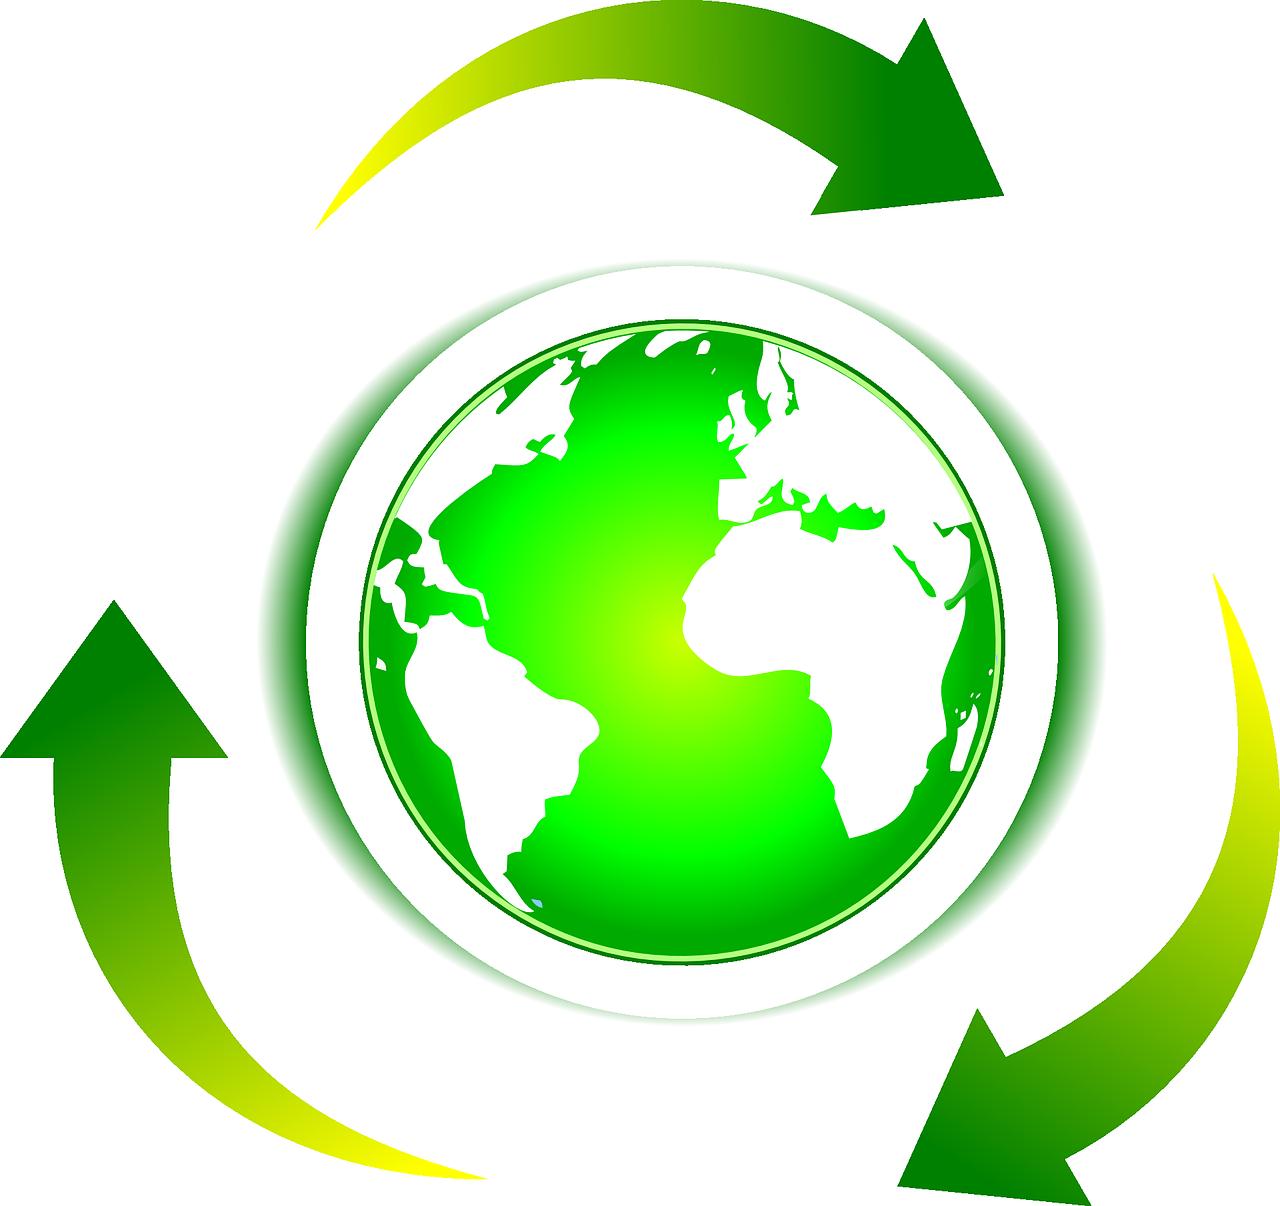 ゴミの「再商品化・再資源化・減量化」で3R